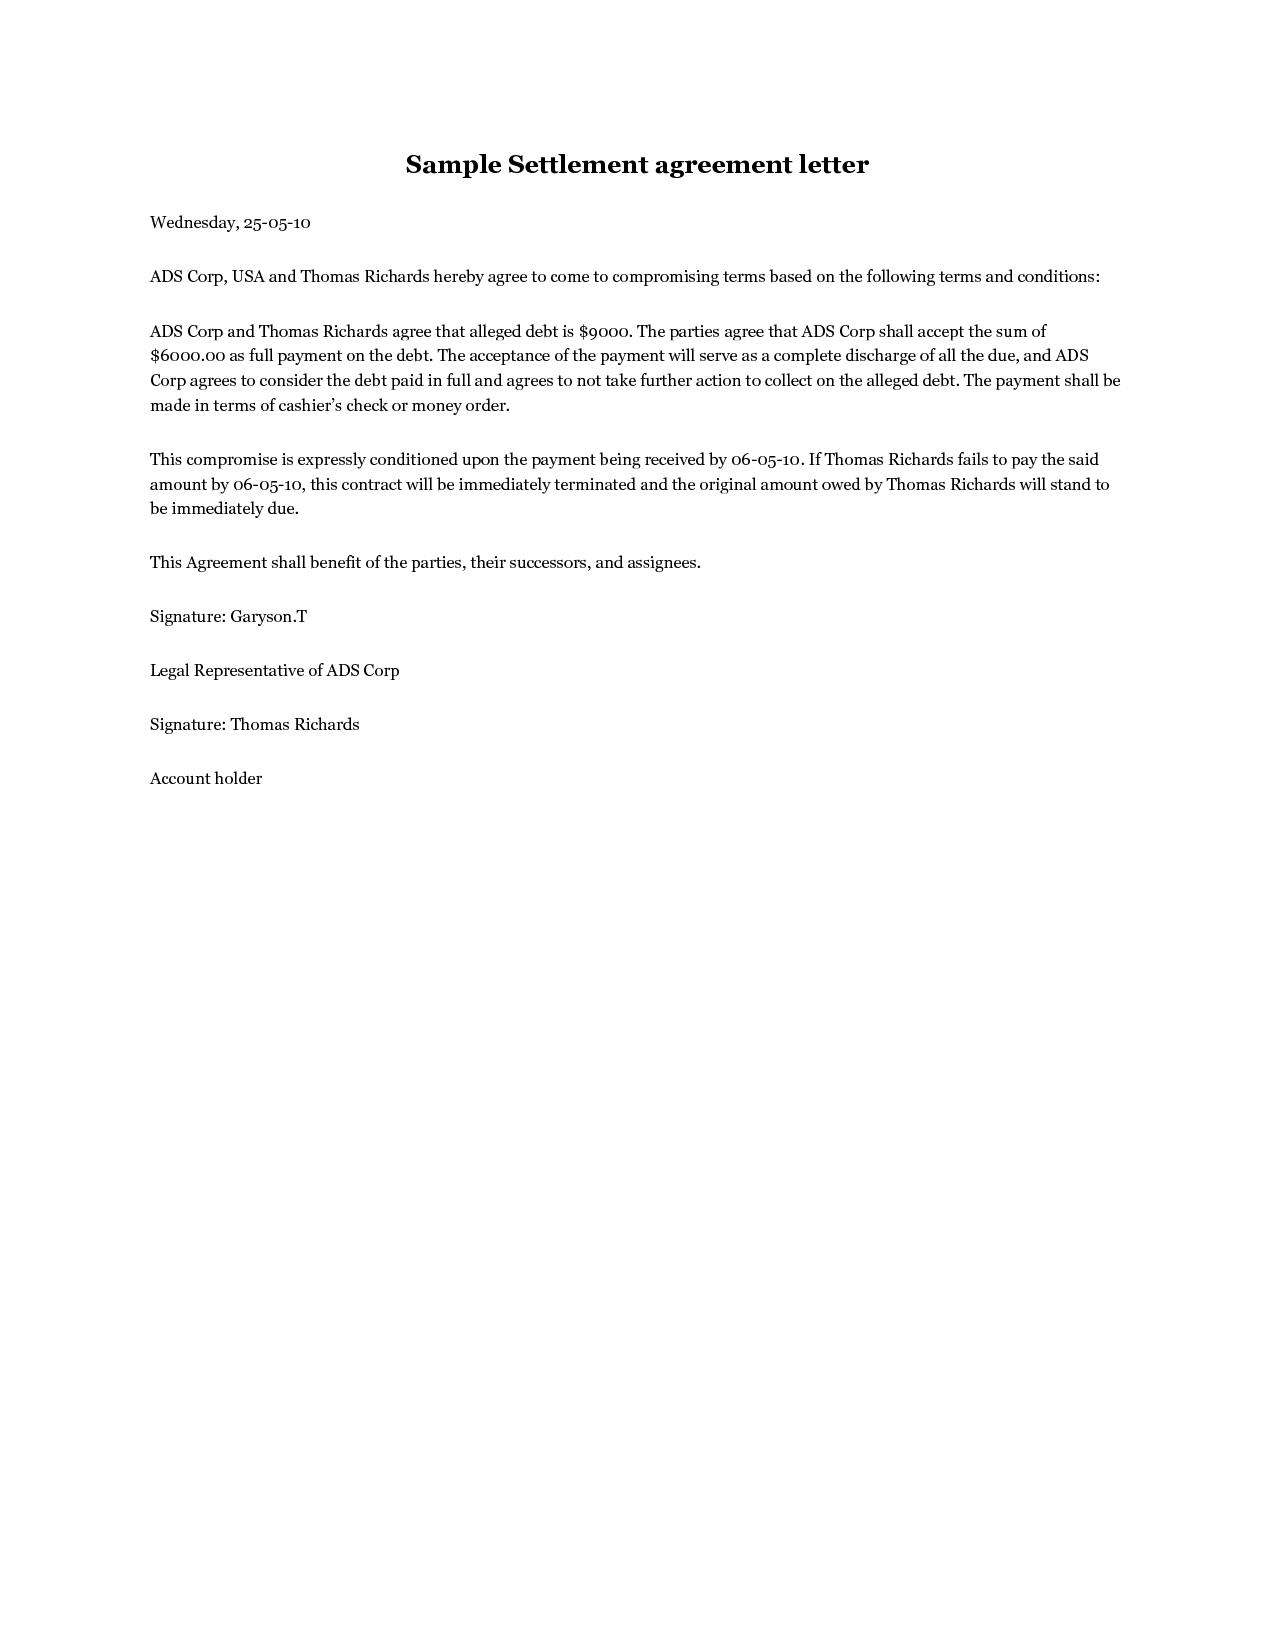 Legal Settlement Offer Letter Template - Settlement Agreement Letter A Debt Settlement Agreement Letter